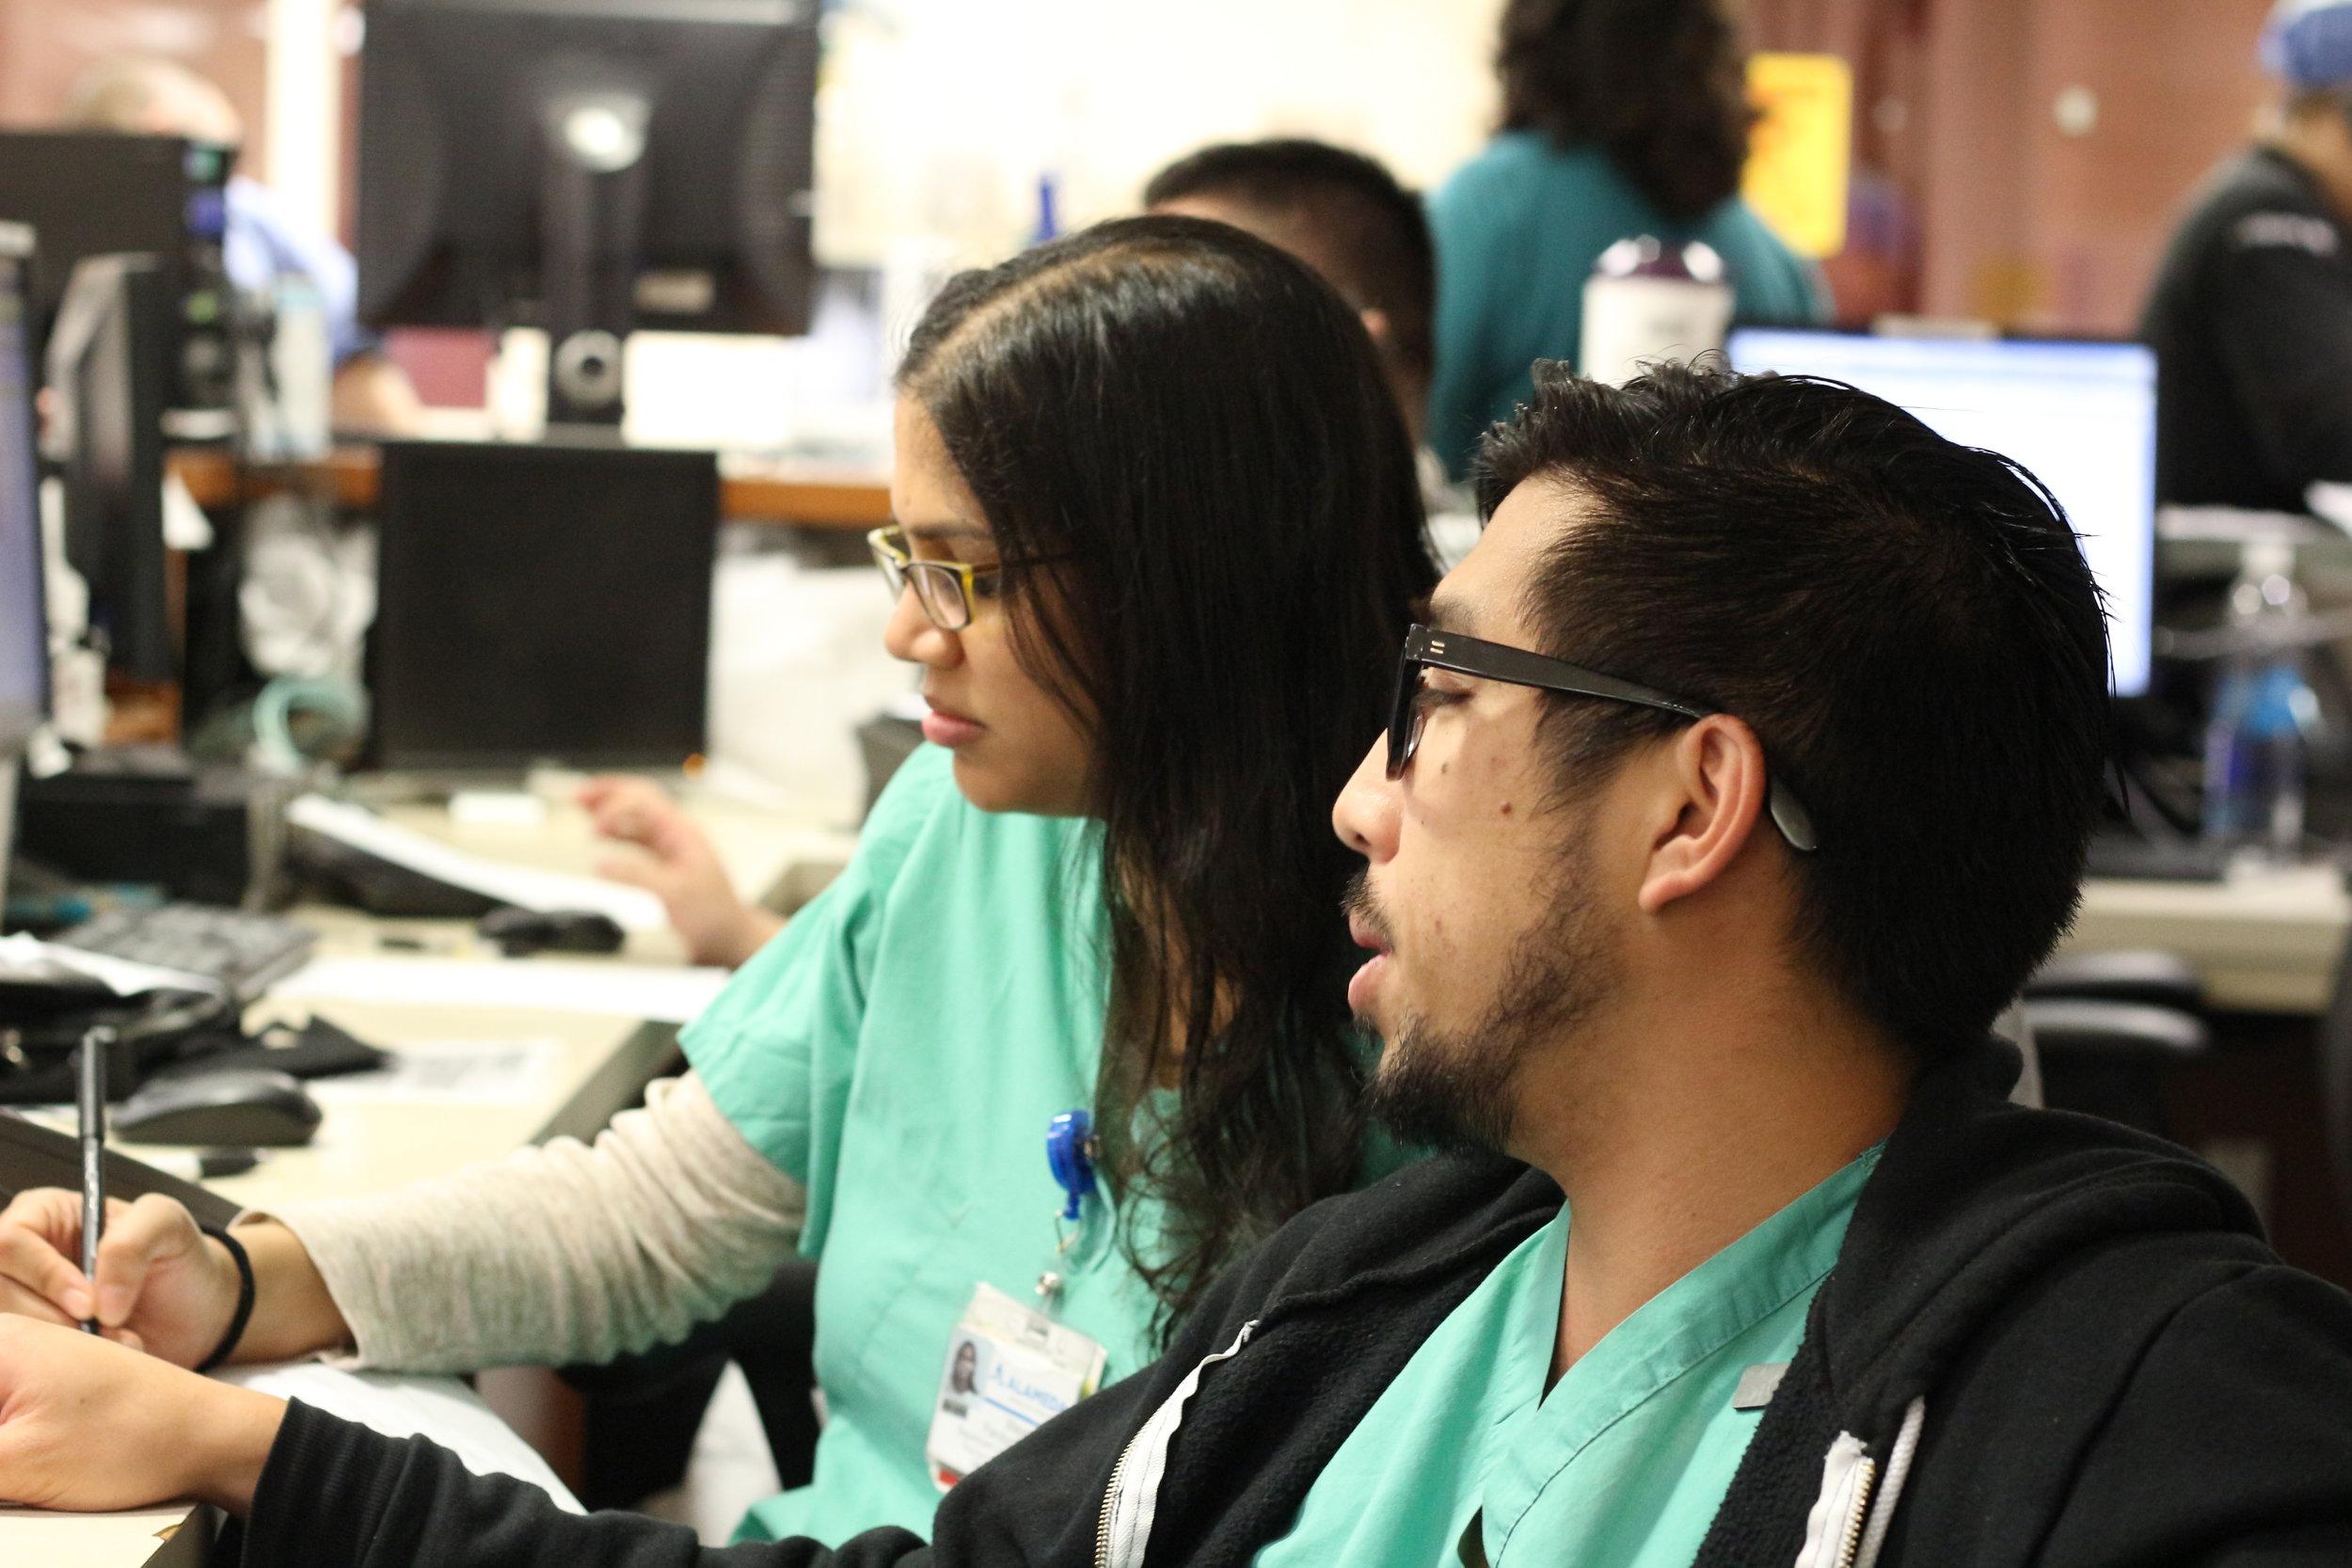 Blog — The Andrew Levitt Center for Social Emergency Medicine